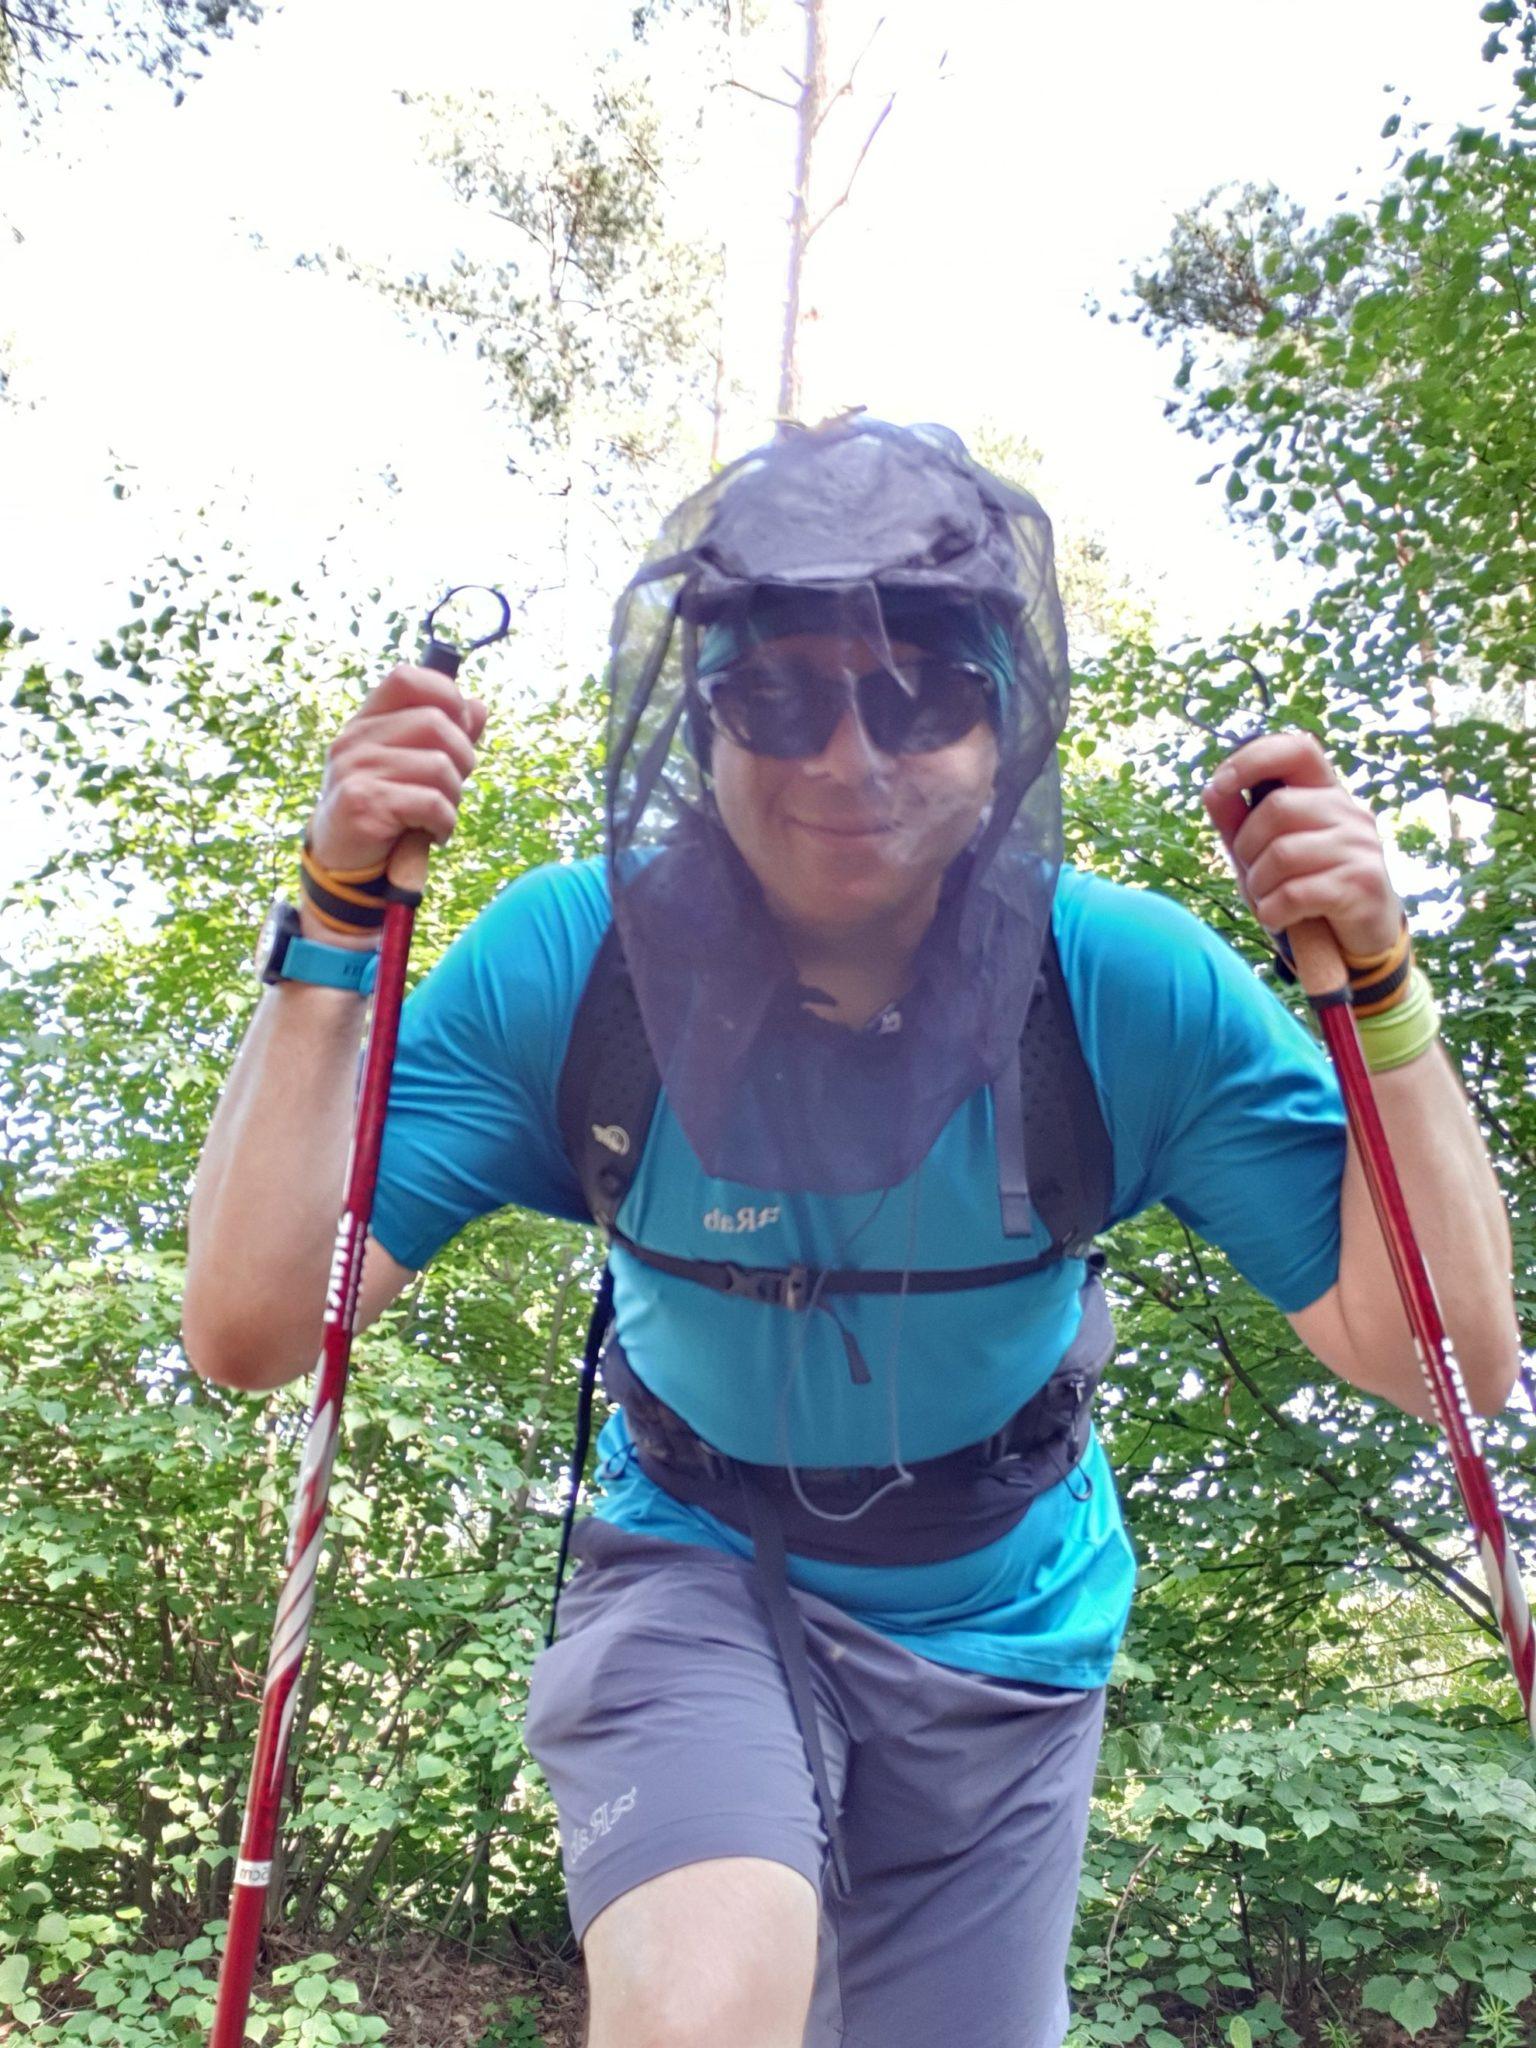 Zkušennosti z kurzu nordic walking – základní i pro chlapy